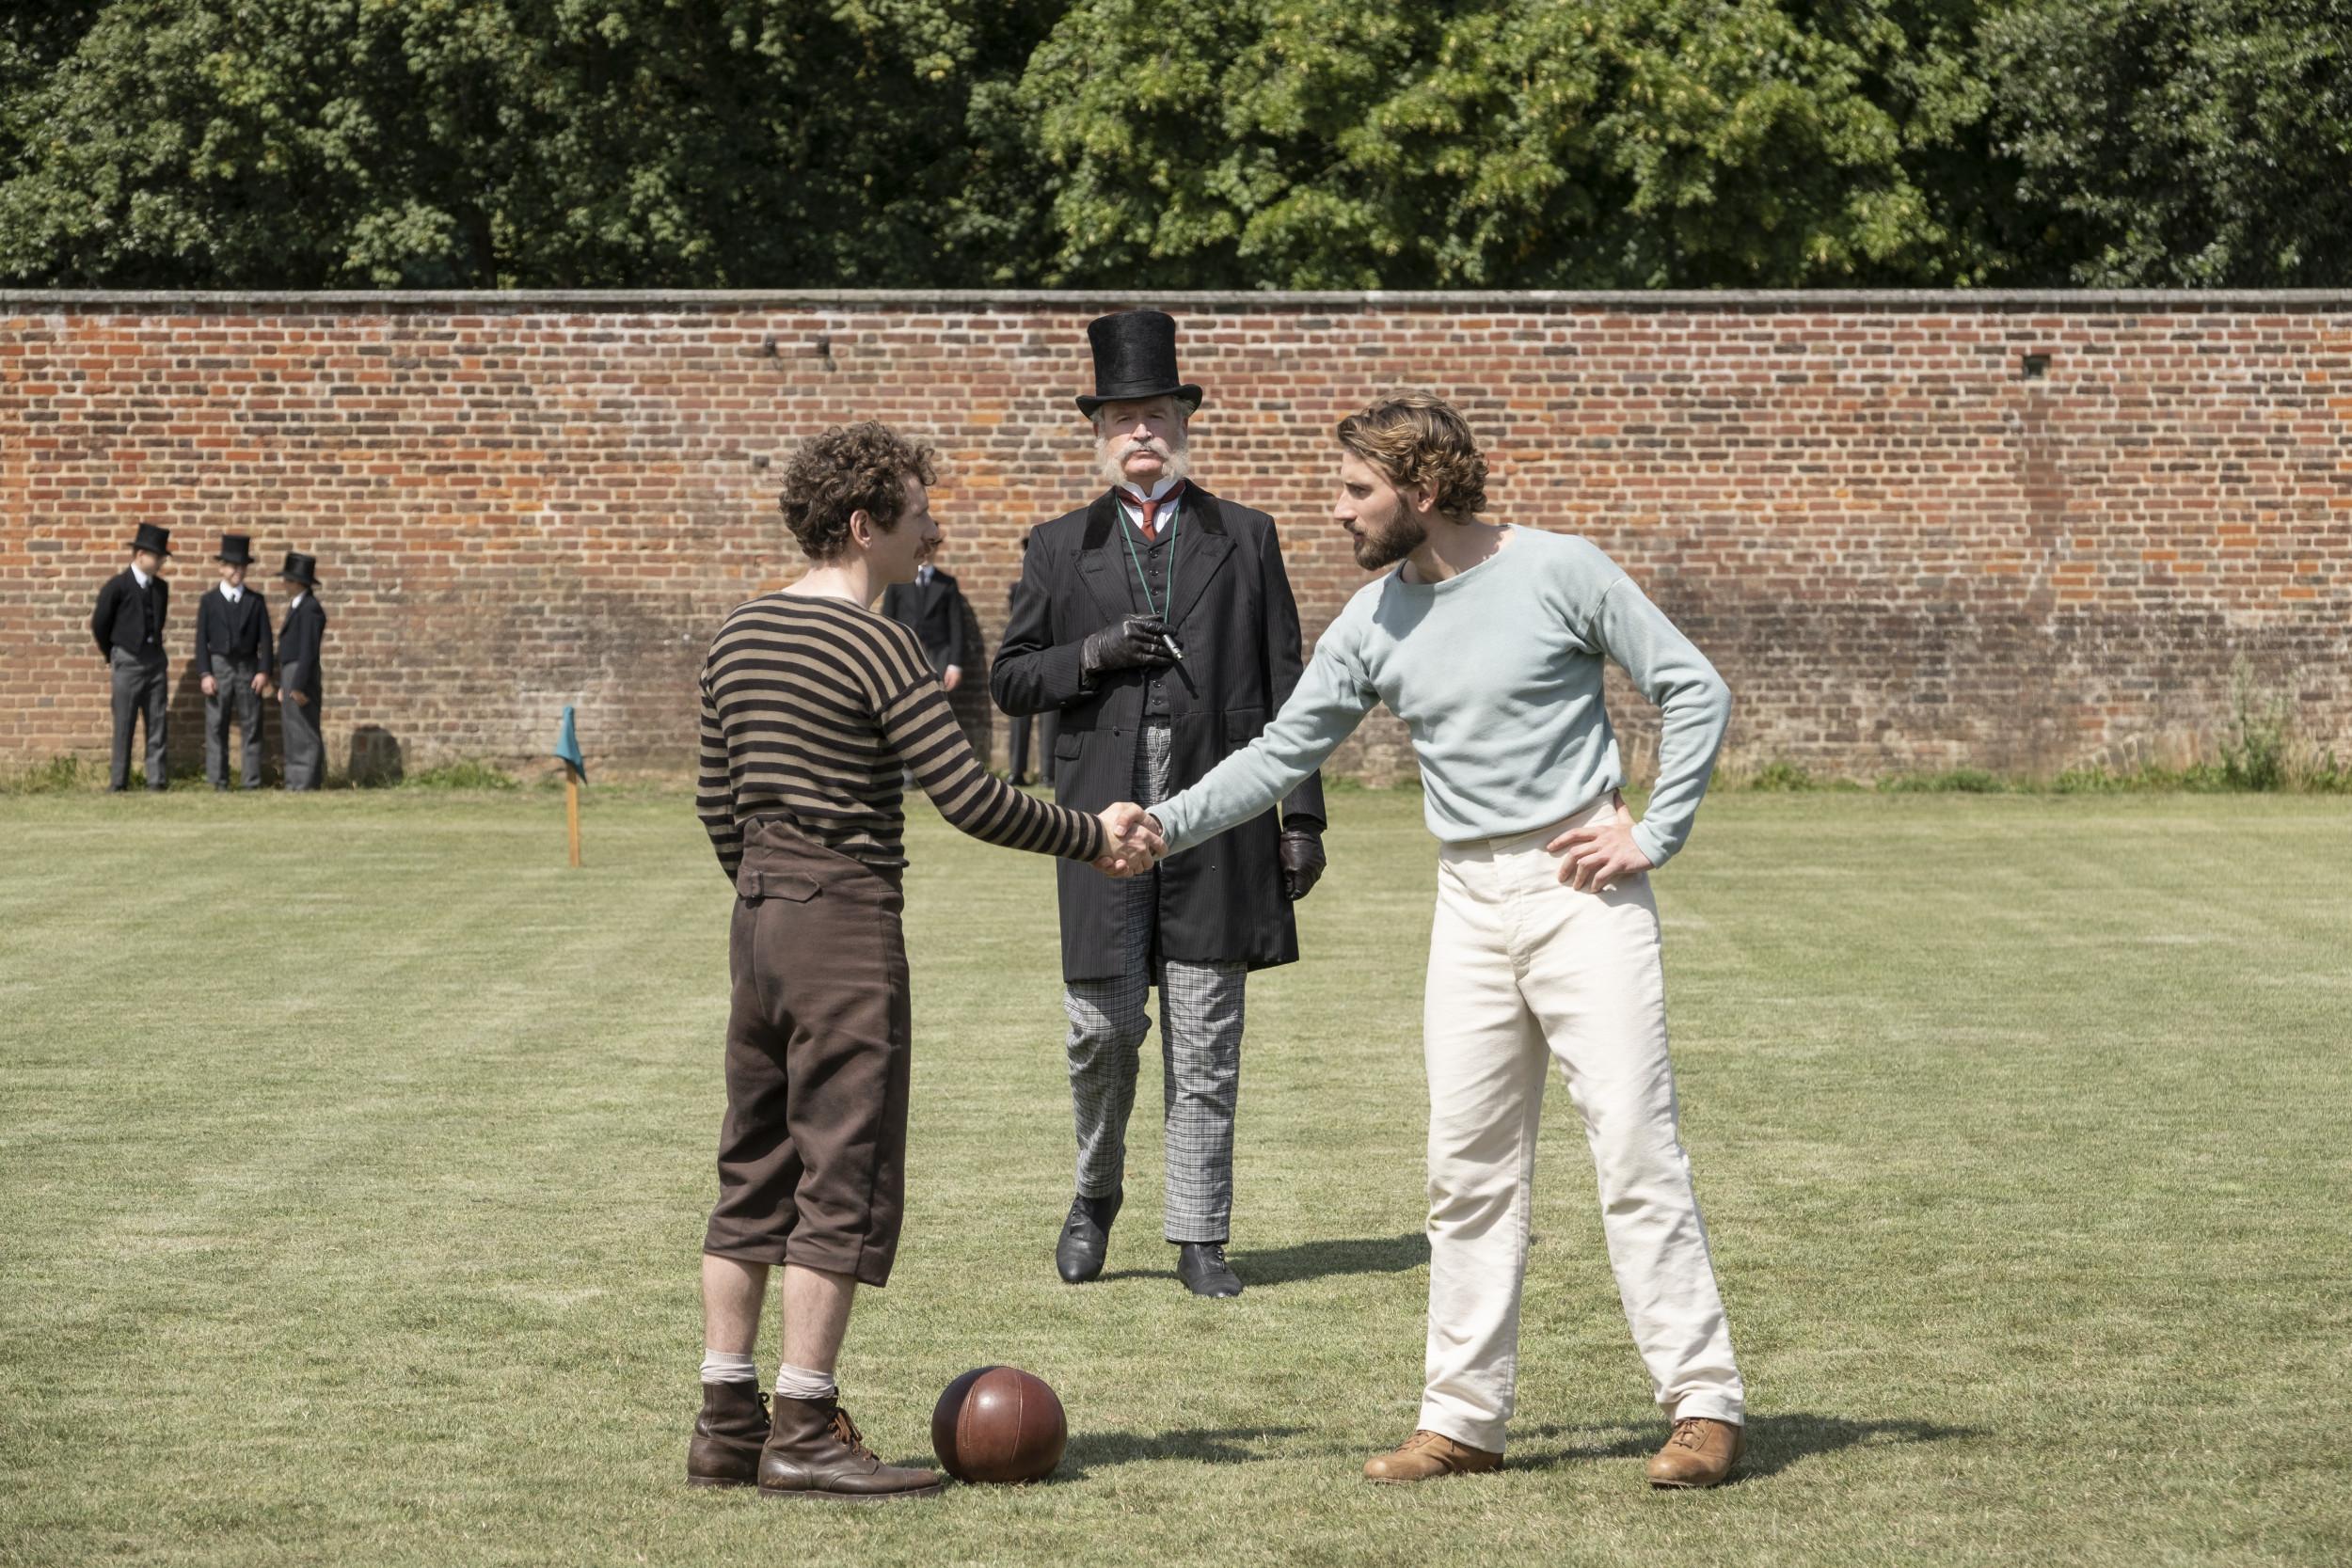 Создатель Аббатства Даунтон снял для Netflix сериал о футболе. Стоит ли смотреть? - изображение 1